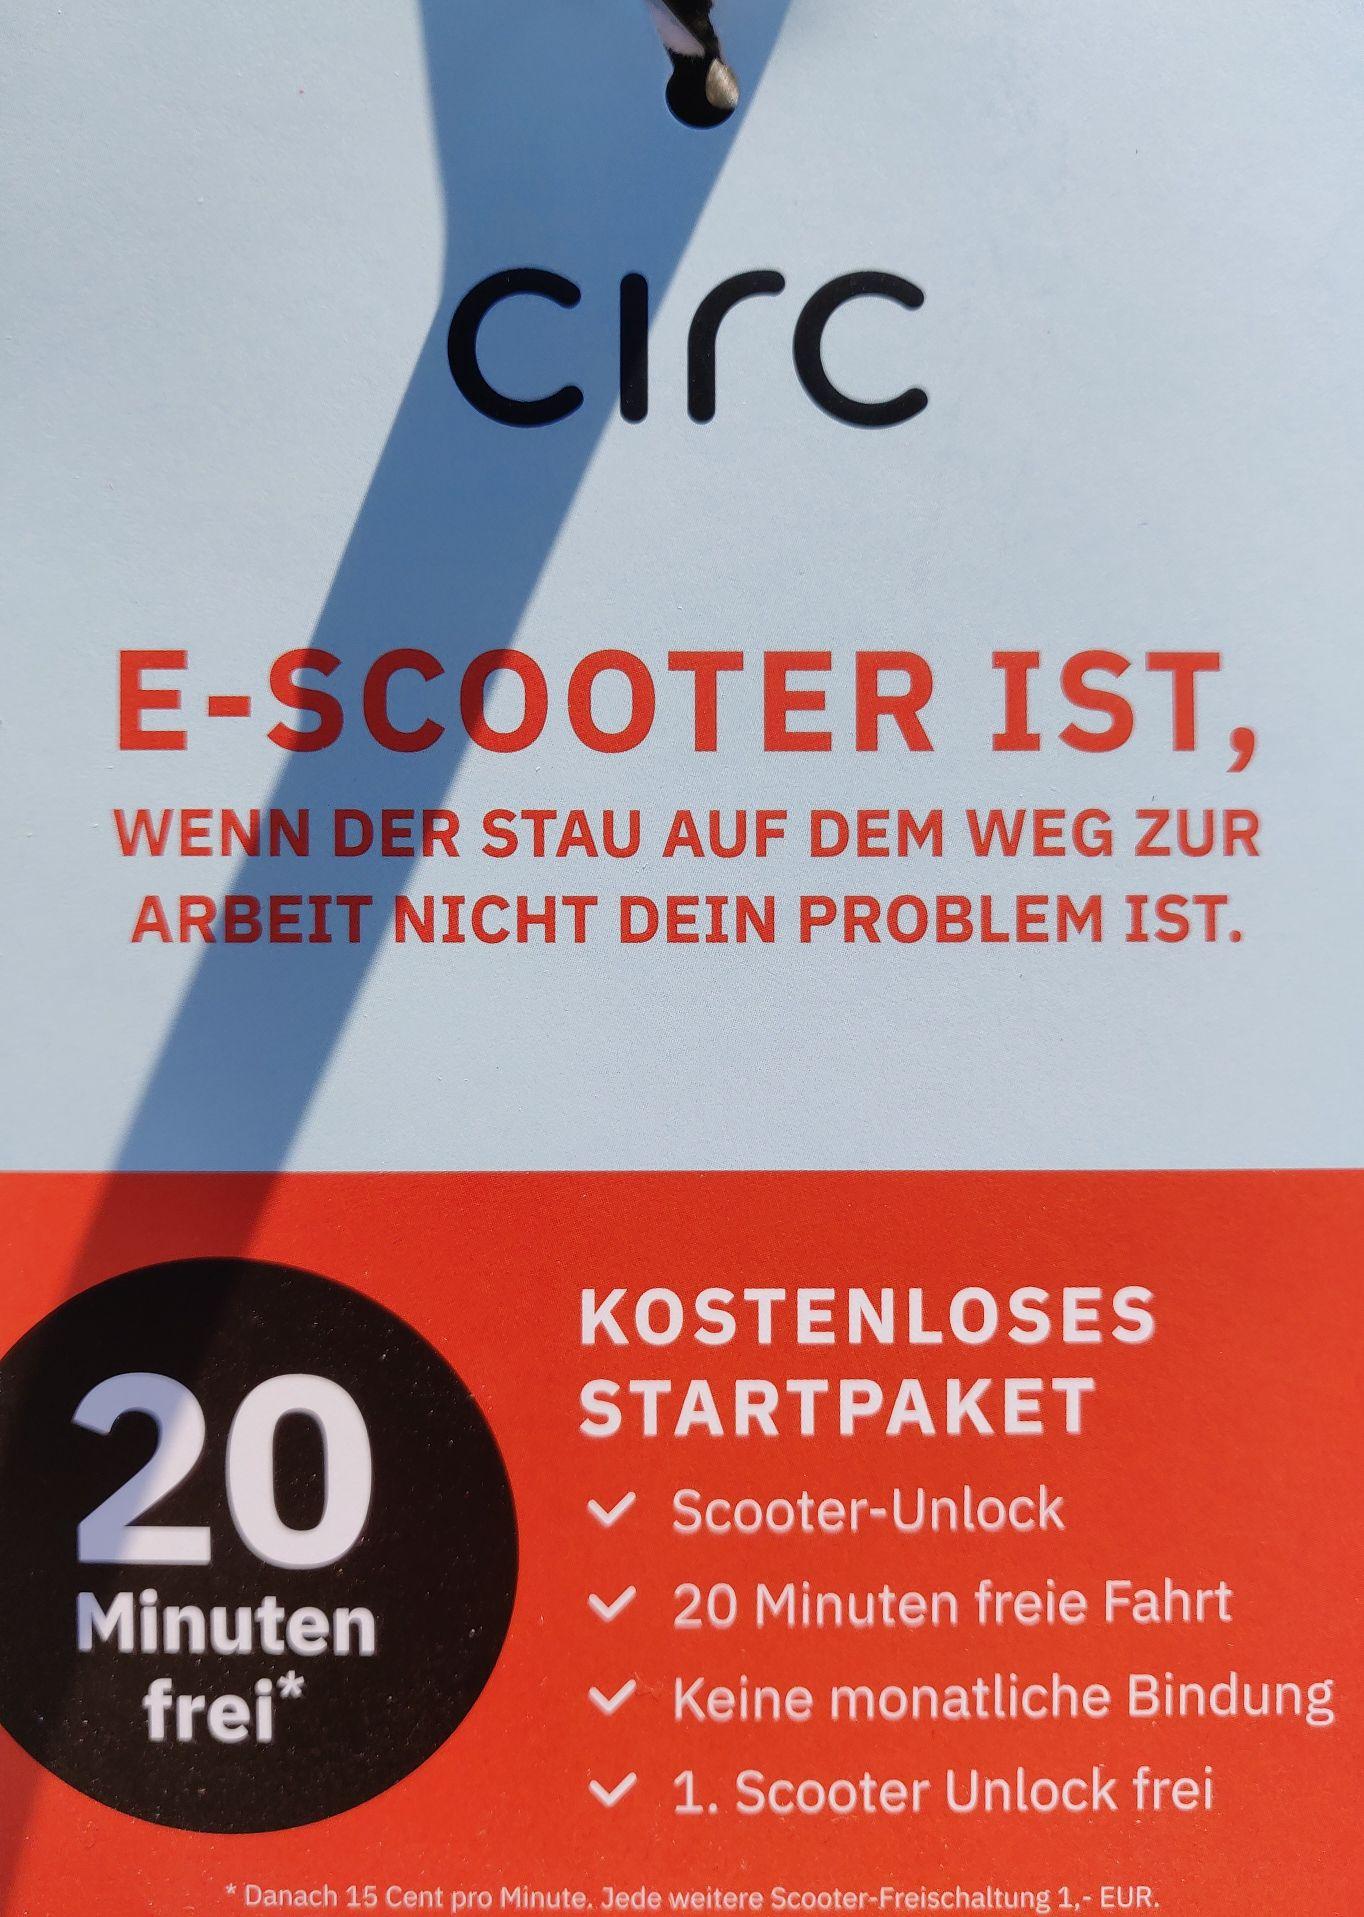 circ gutschein code